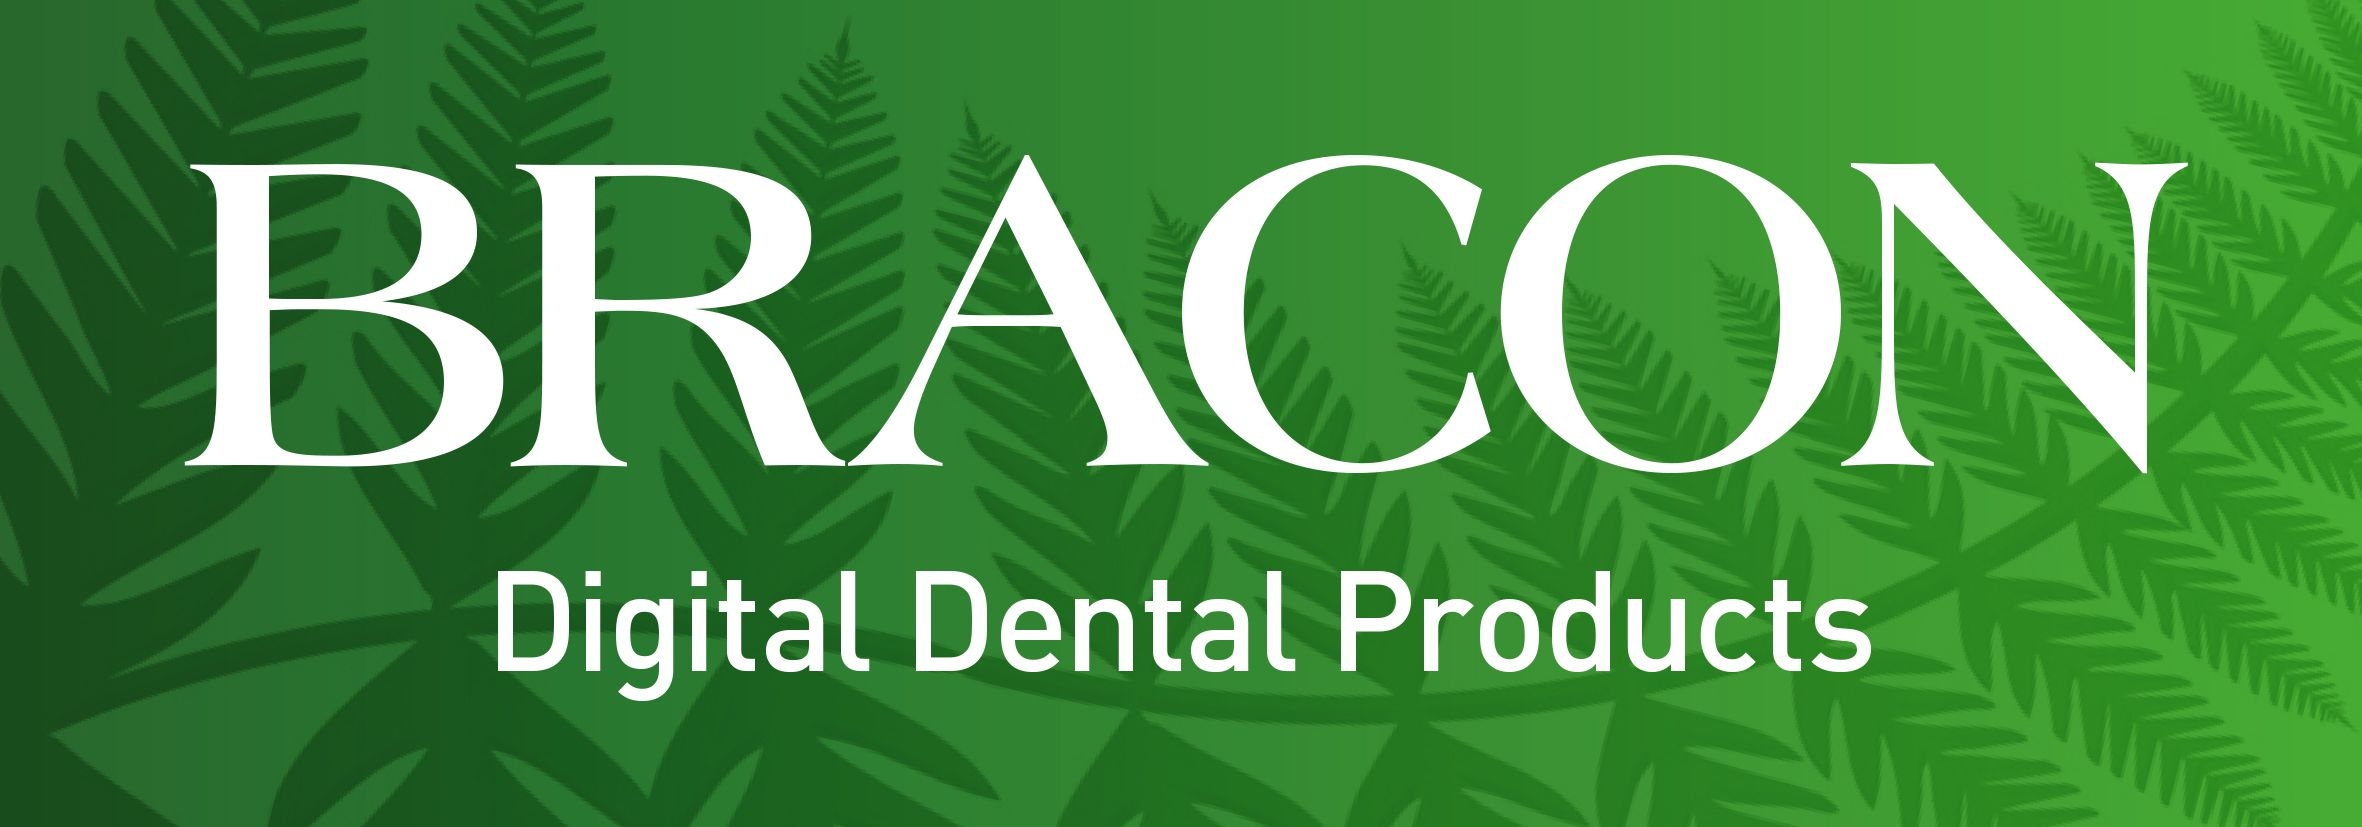 Bracon Digital Dental Products